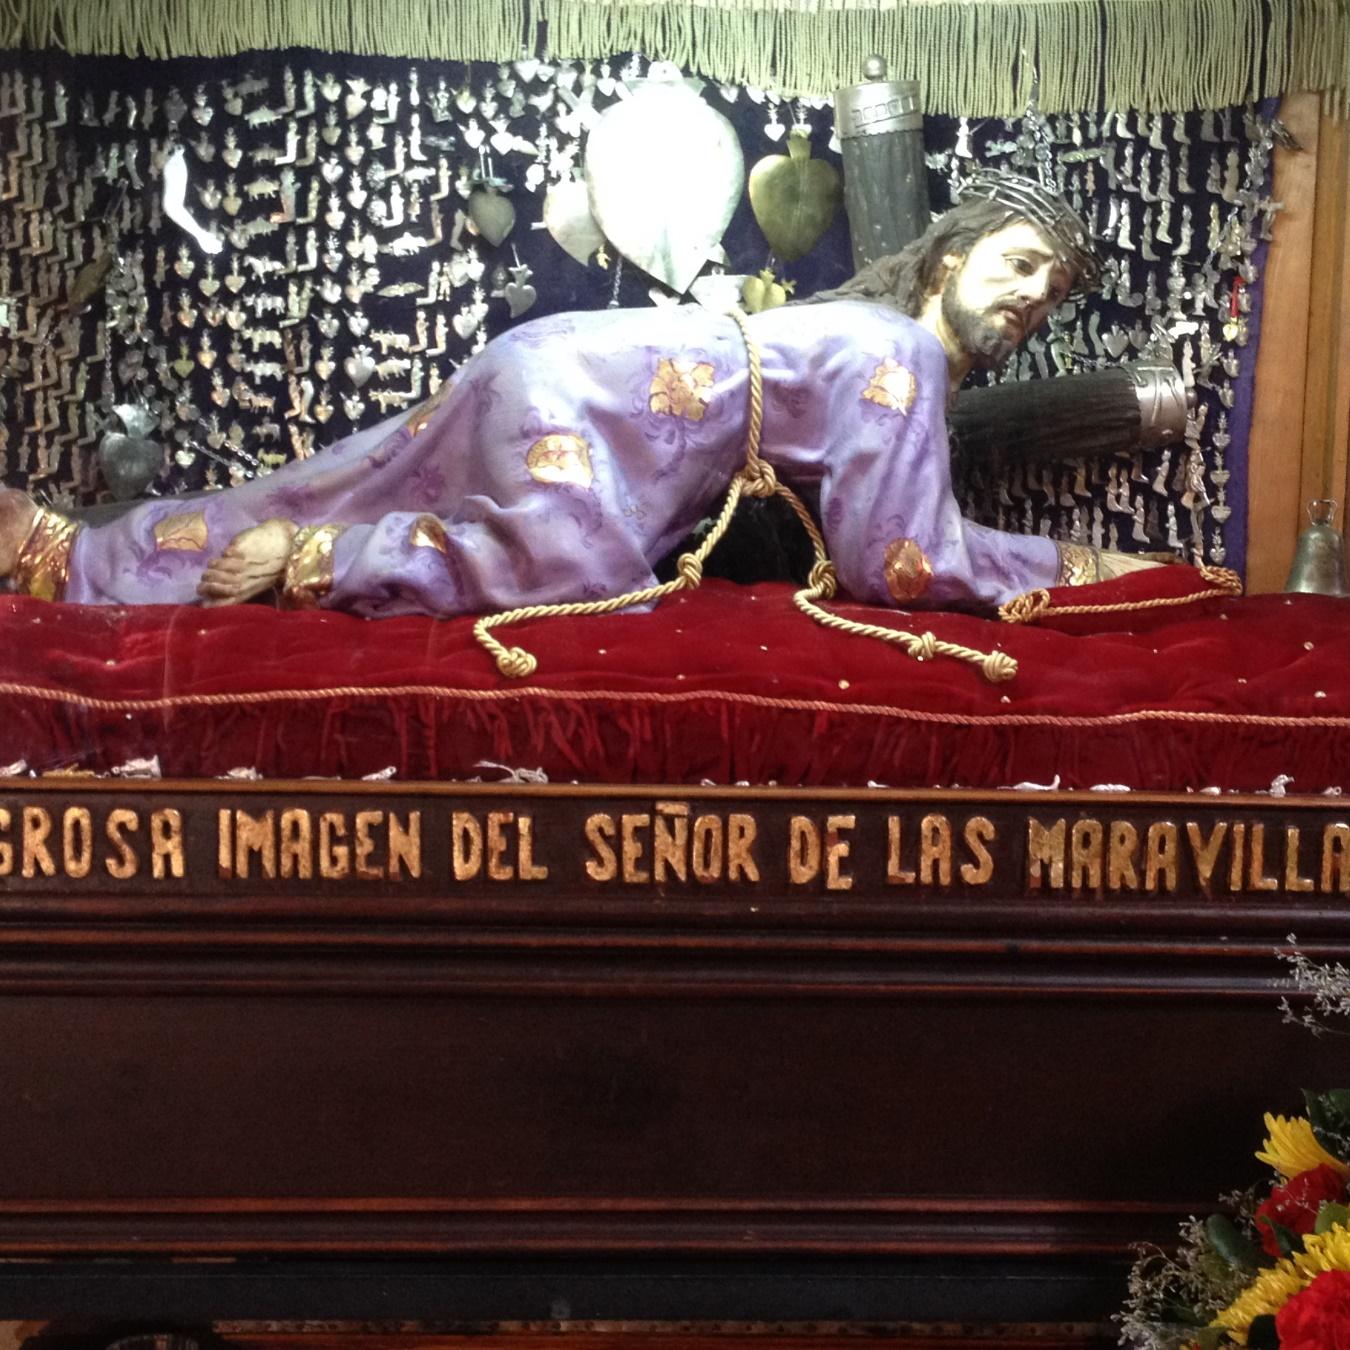 Ex-voto au Seigneur des Merveilles, San Miguel Allende, Mexique, 23 août 2015. Photo Renée de la Torre.